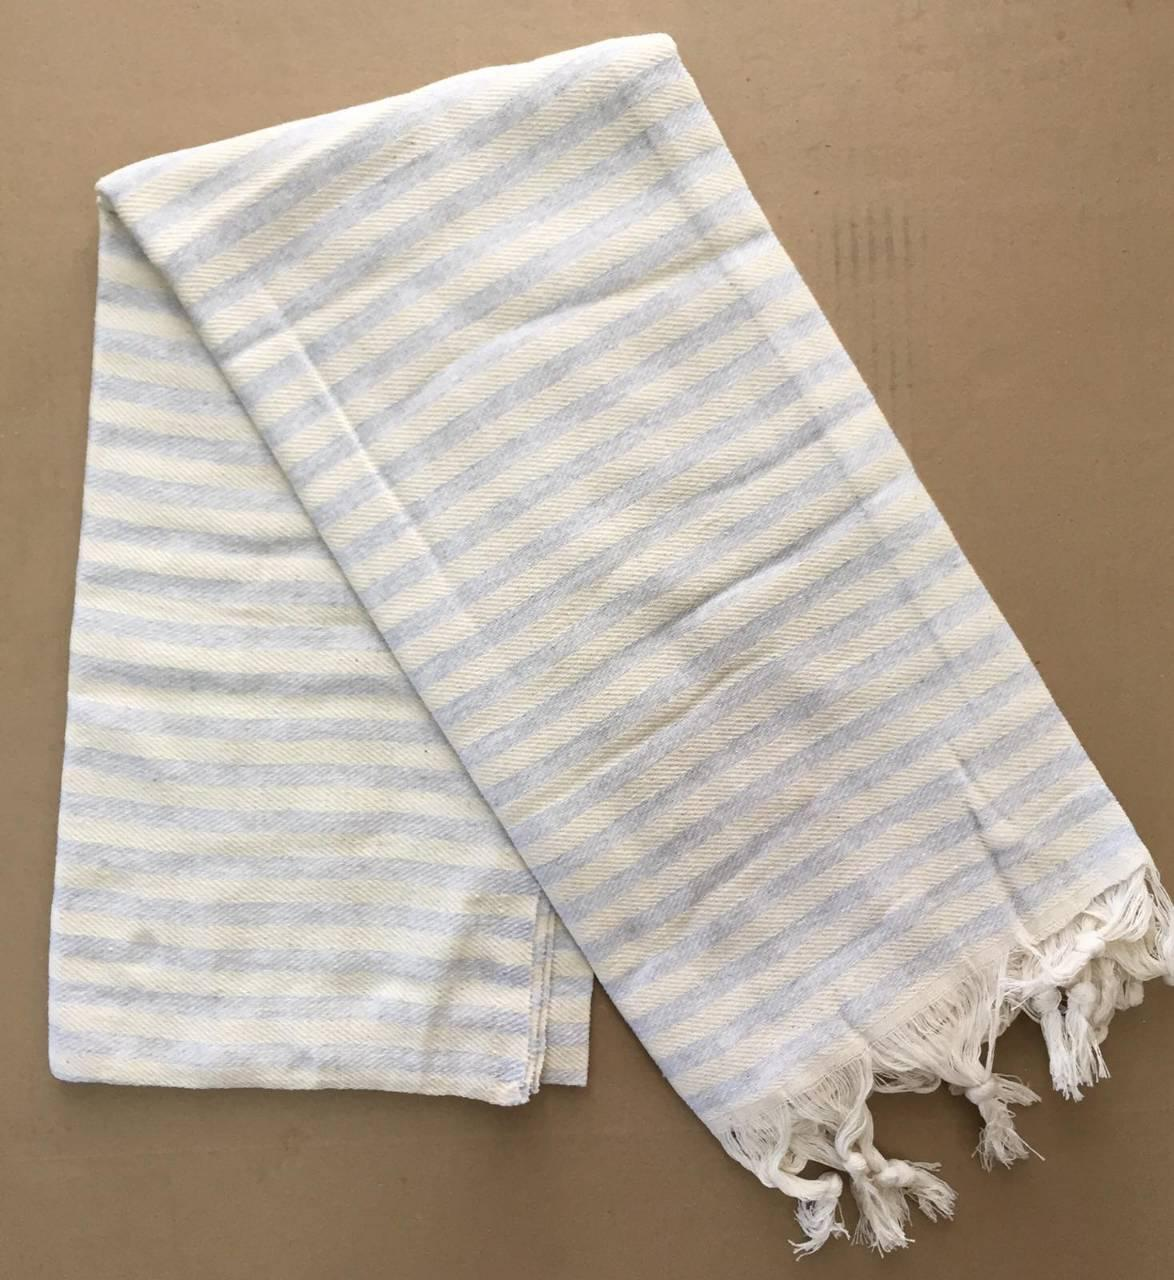 Полотенца пляжные Пештемаль 100*180 (200г/м2), Турция 1247906253